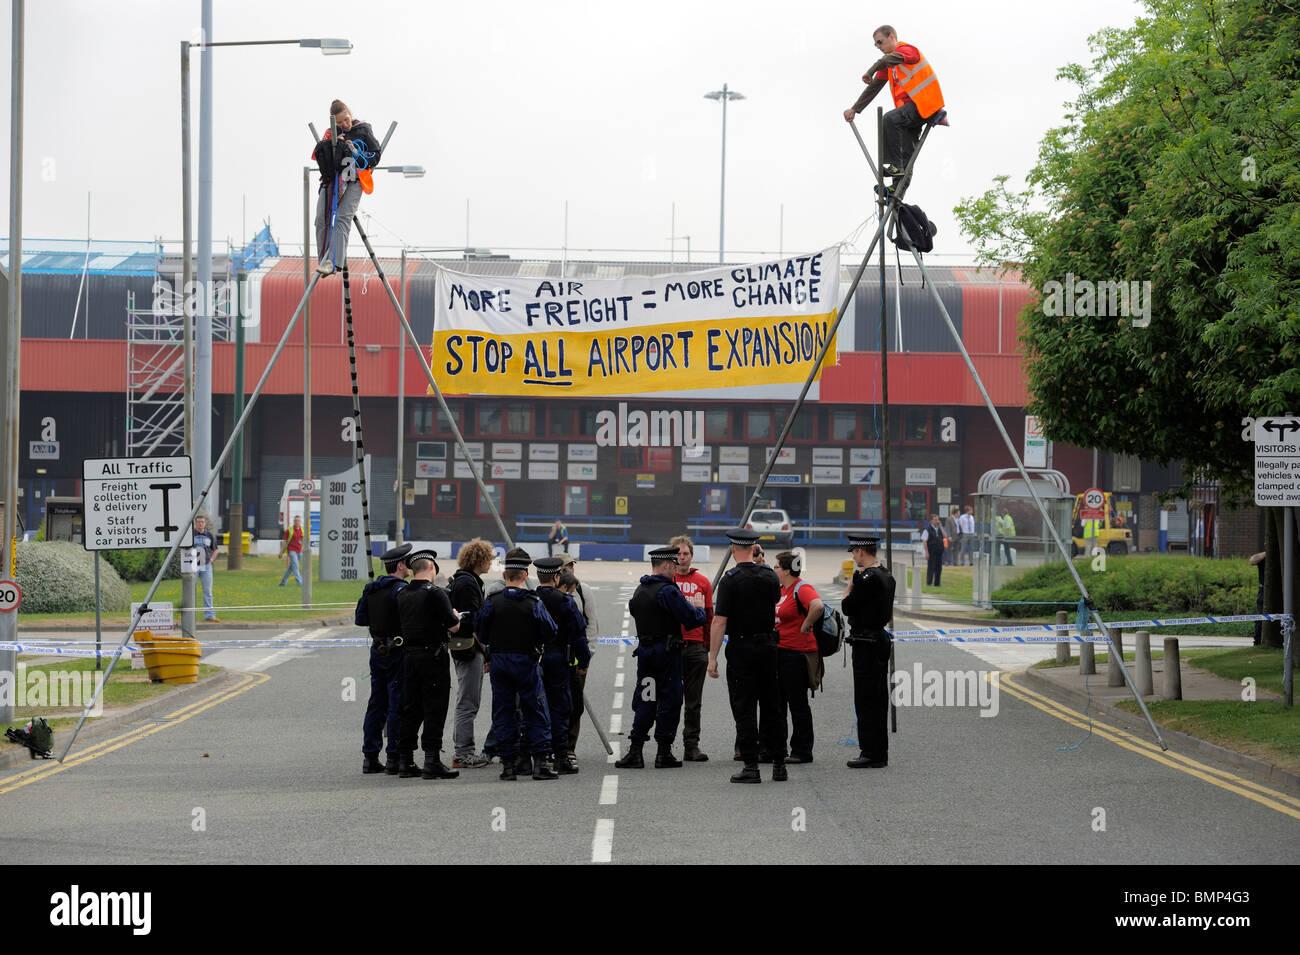 Blocus des manifestants de l'aéroport de Manchester Manchester UK Terminal fret contre le changement climatique Photo Stock